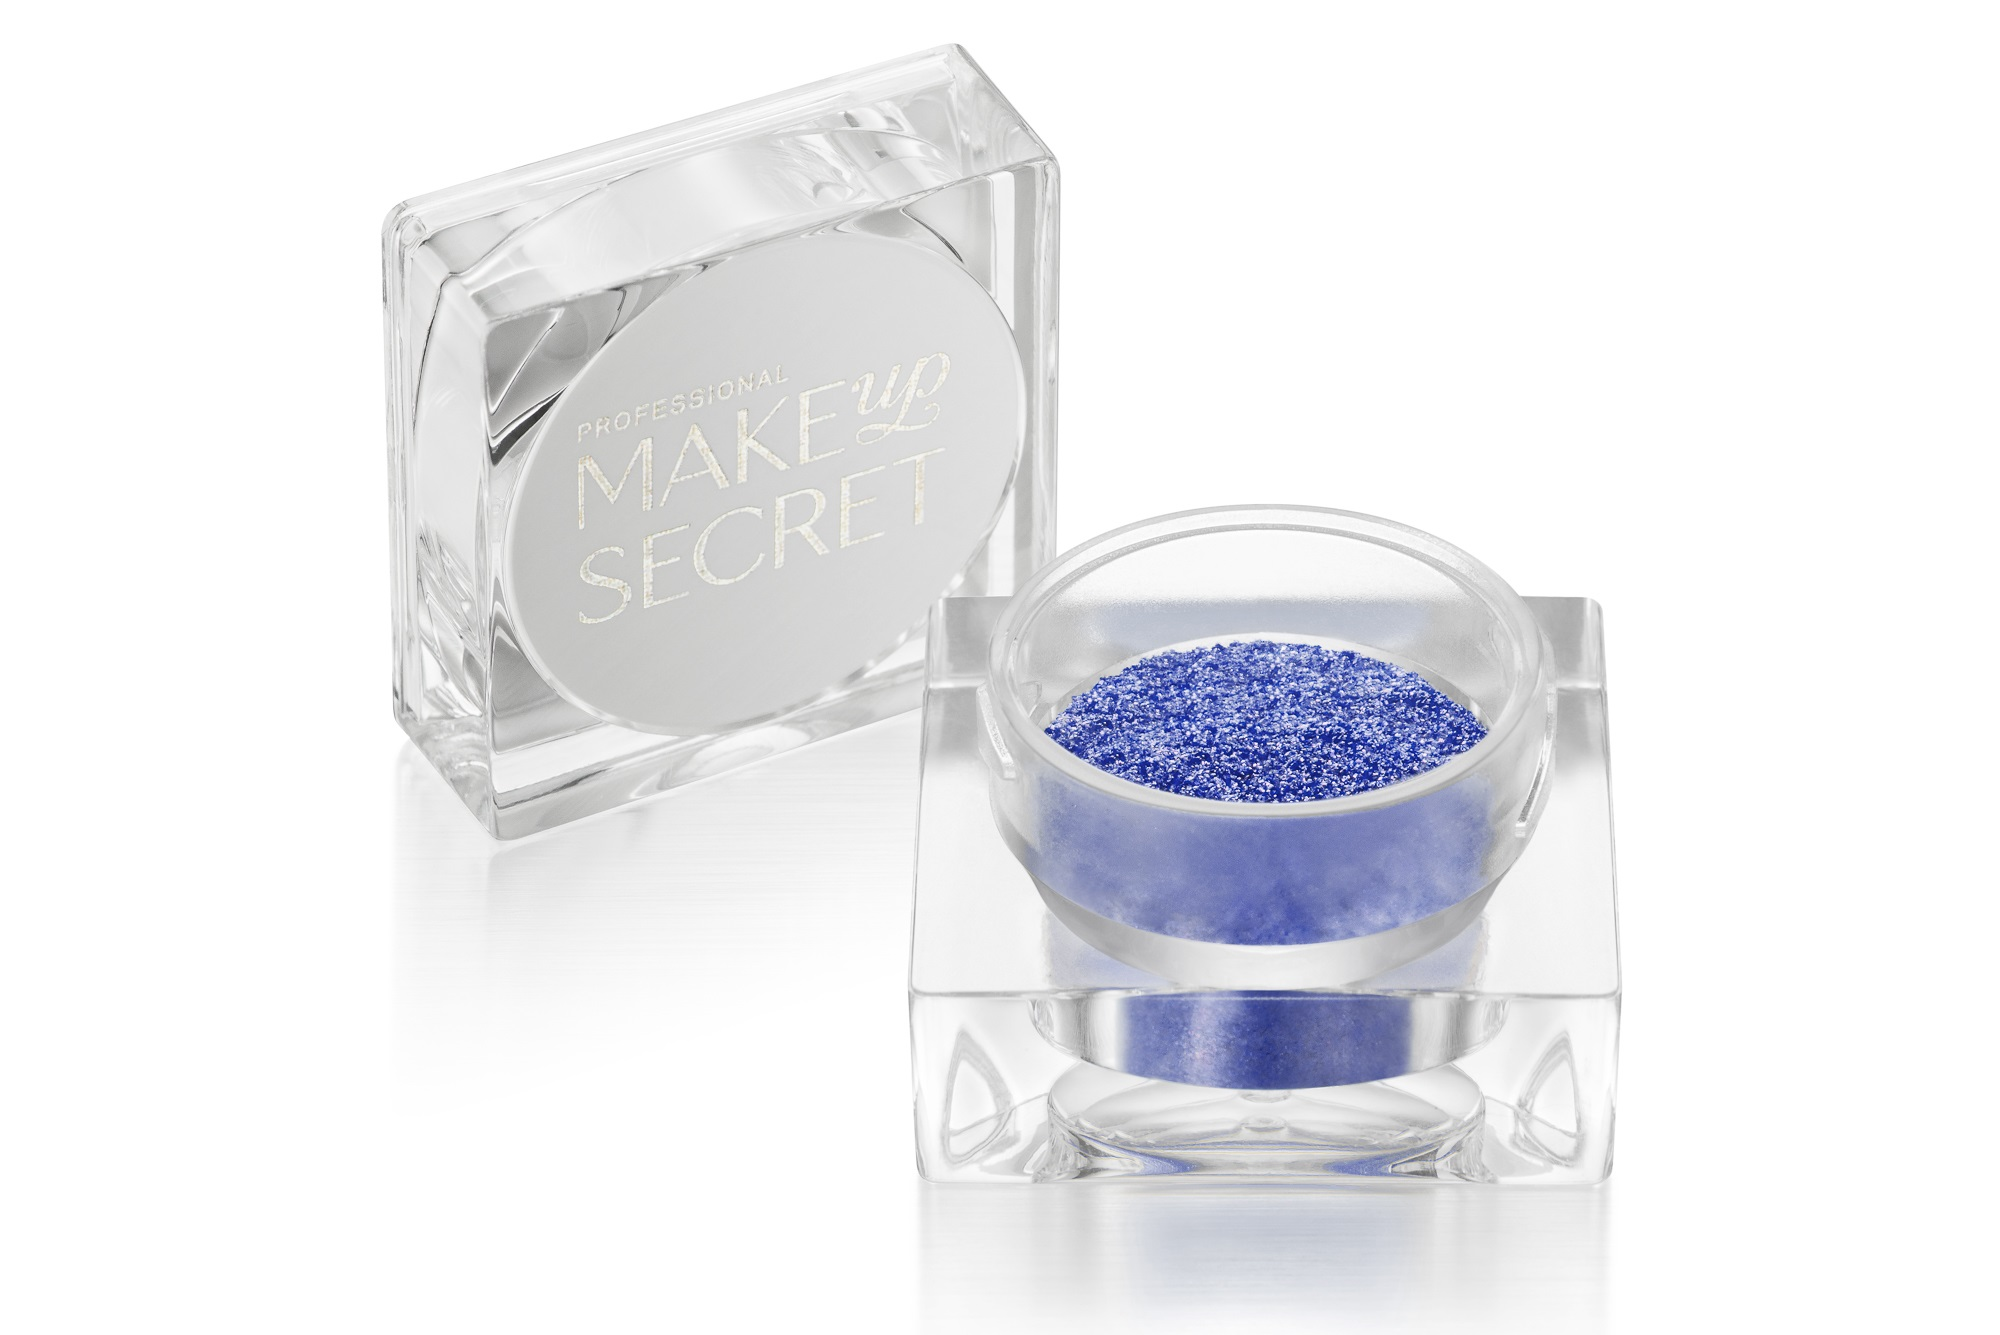 Пигменты Make up Secret MAKEUP EMOTIONS серия Star collection Purple star: фото